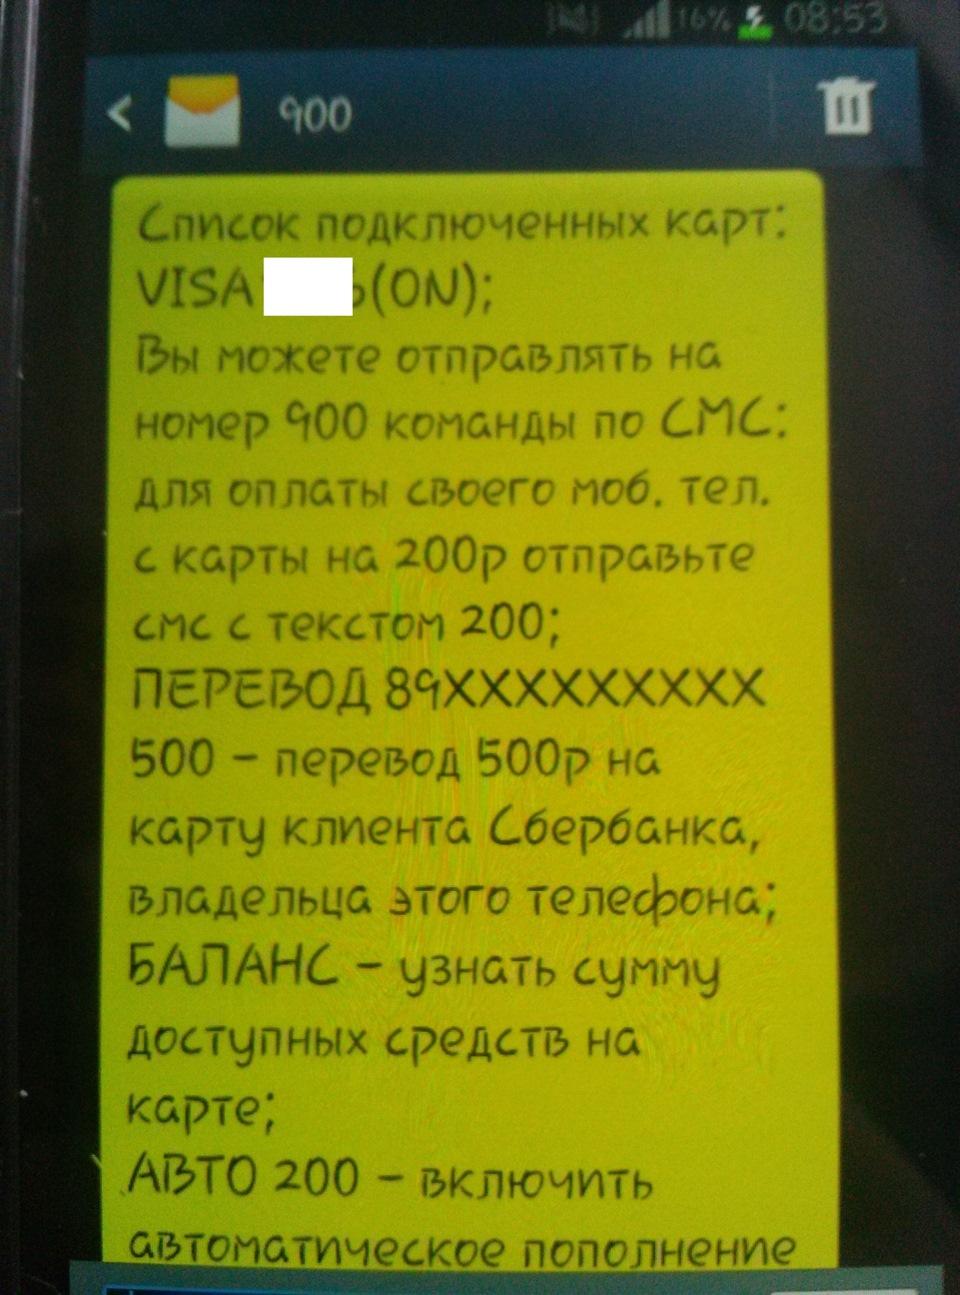 Как сделать перевод денег через телефон на карту Сбербанка.